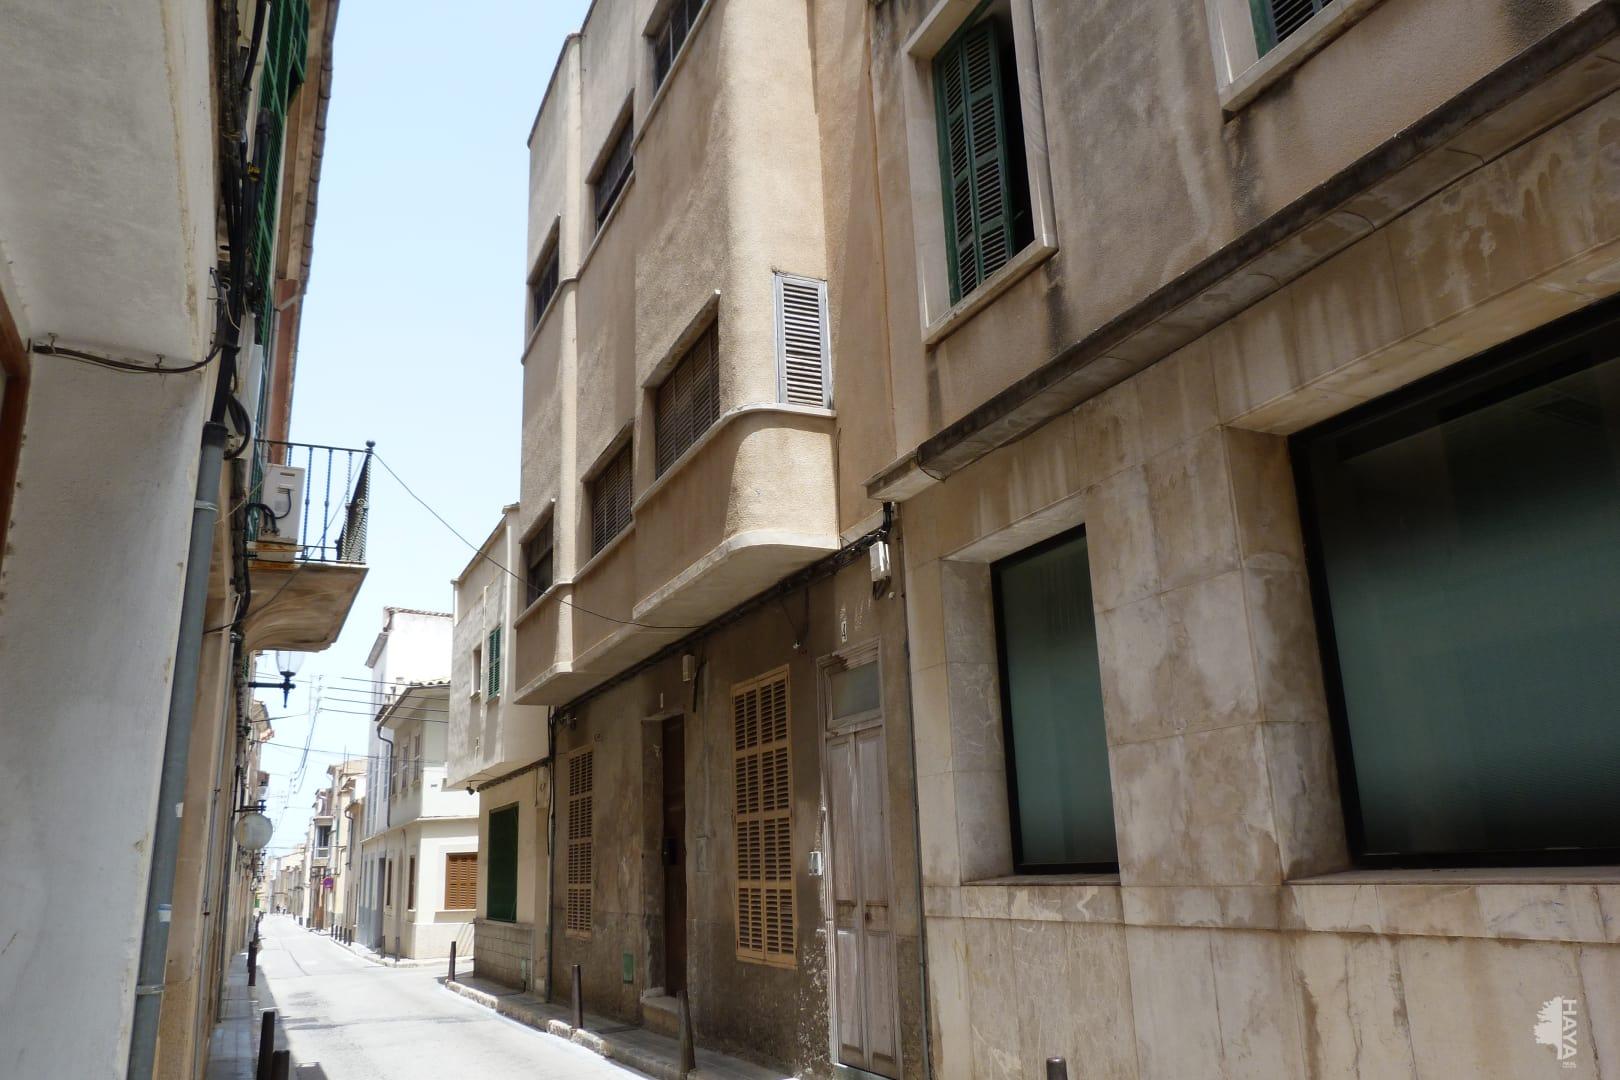 Piso en venta en Felanitx, Baleares, Calle Proissos, 120.000 €, 2 habitaciones, 1 baño, 140 m2